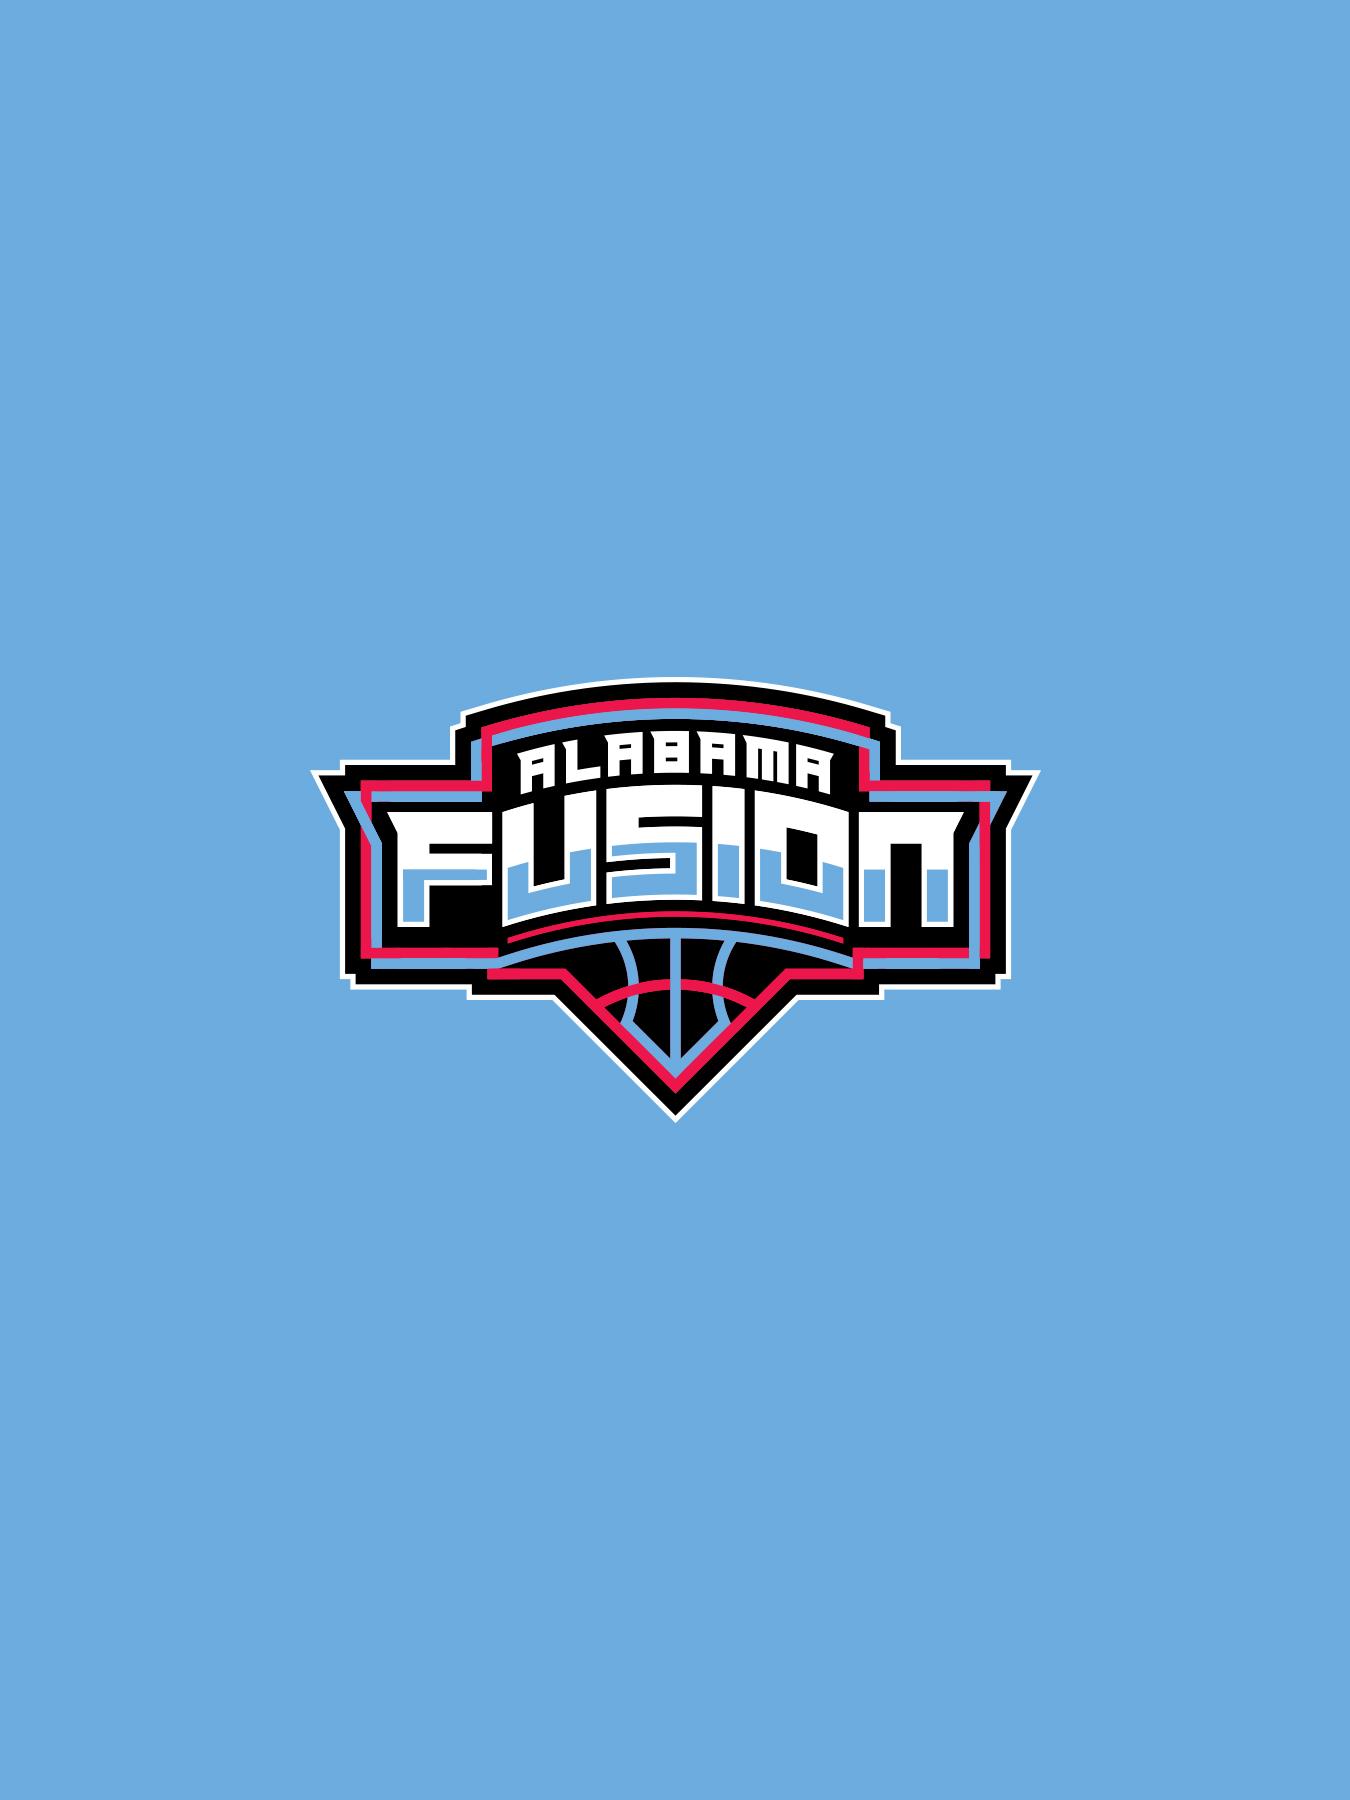 Alabama Fusion